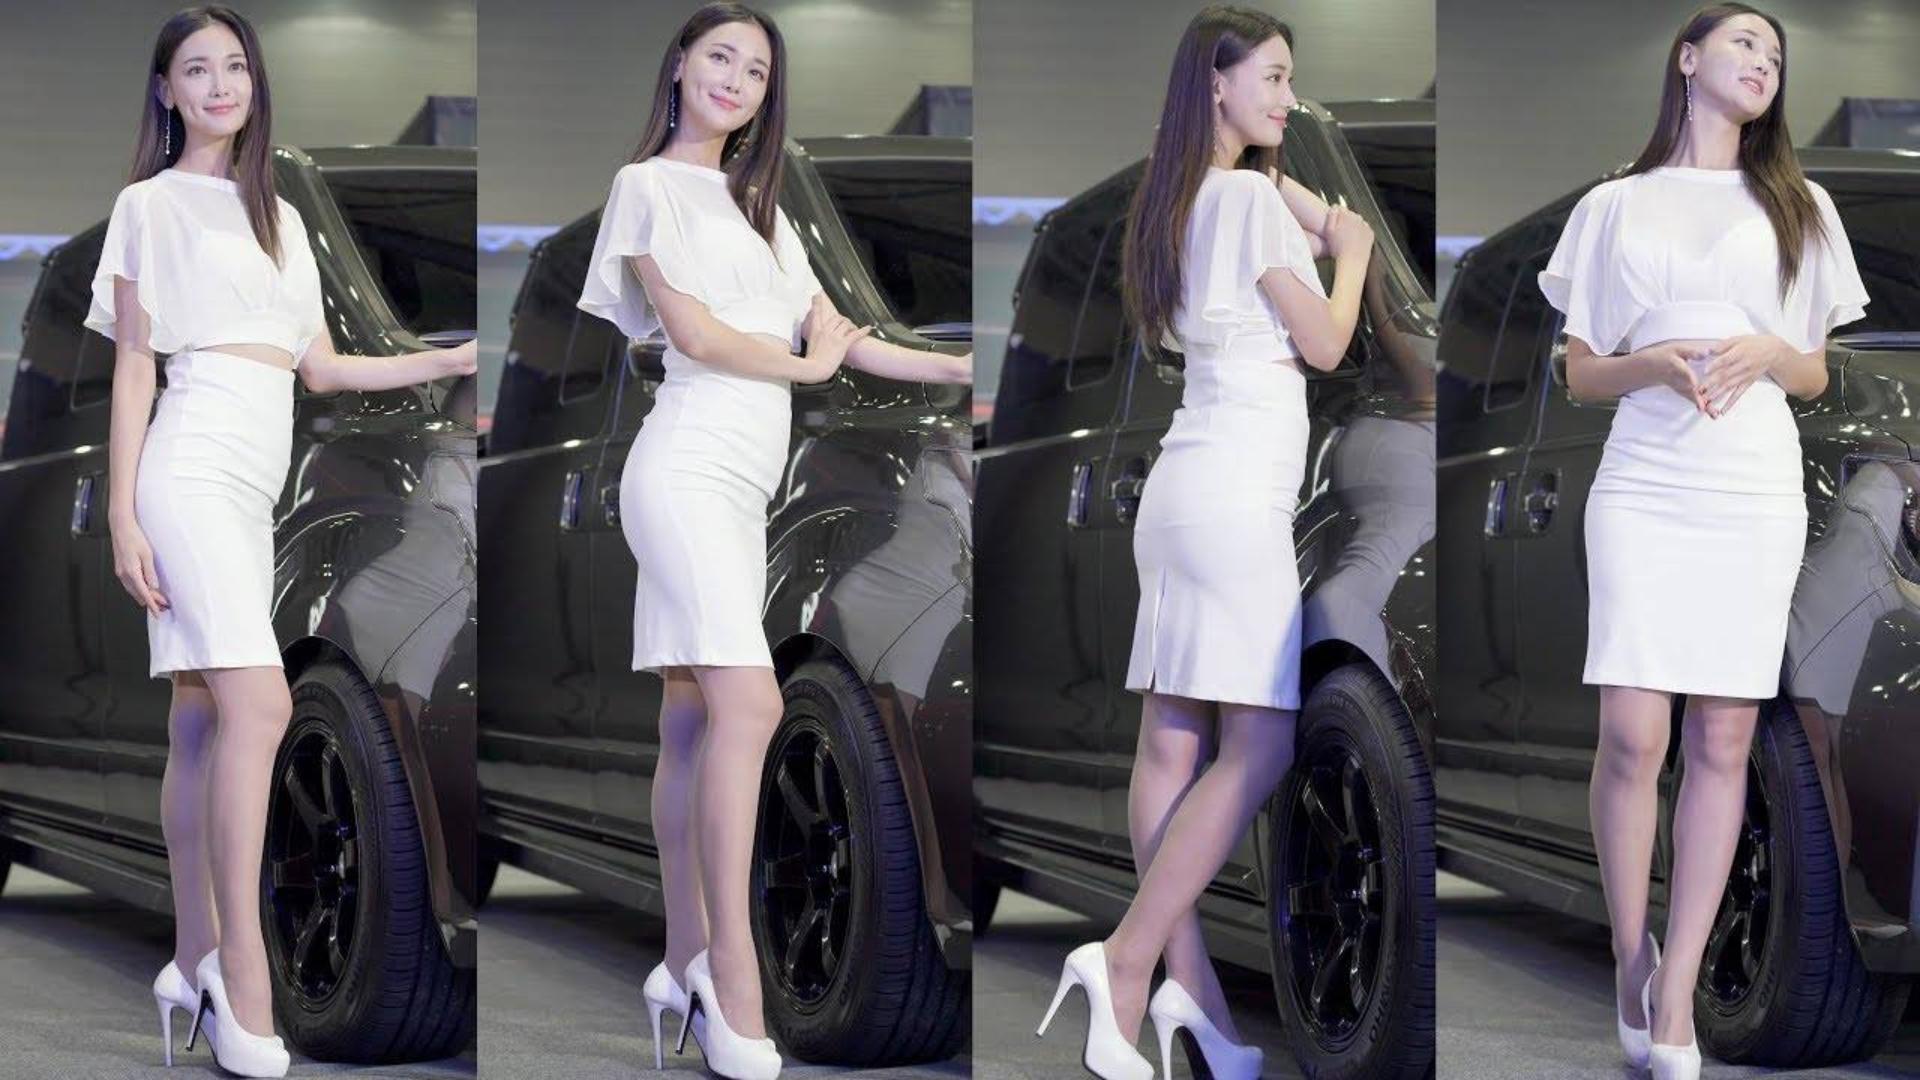 2019 汽车沙龙周 模特 - 문가경 [文嘉京]